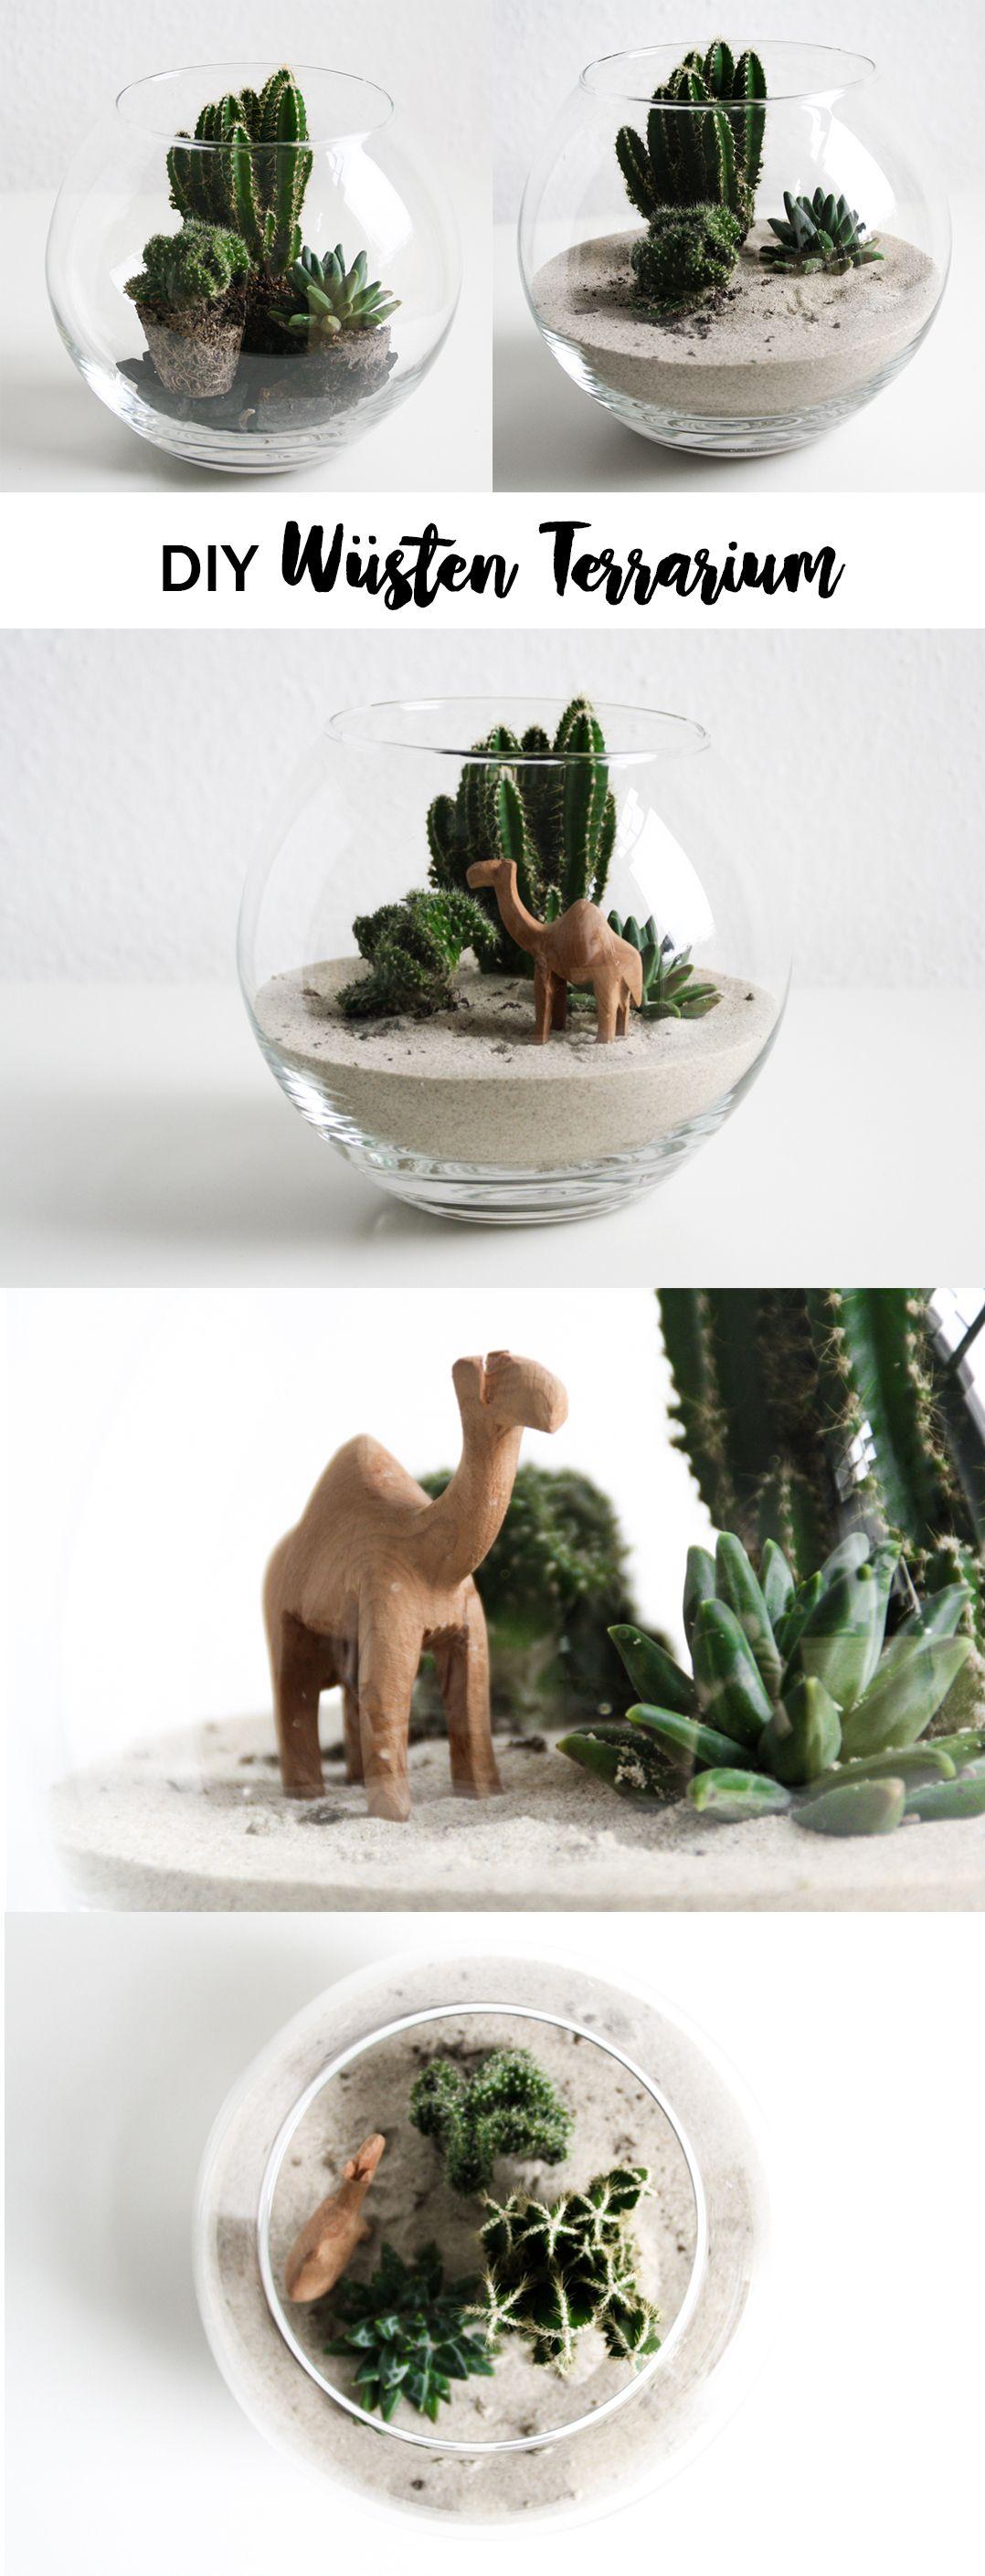 kuhles neuer hingucker zu hause mini terrarium mit gruenen pflanzen als teil einer eleganten tischlampe kalt bild der dfbeecfcbcea